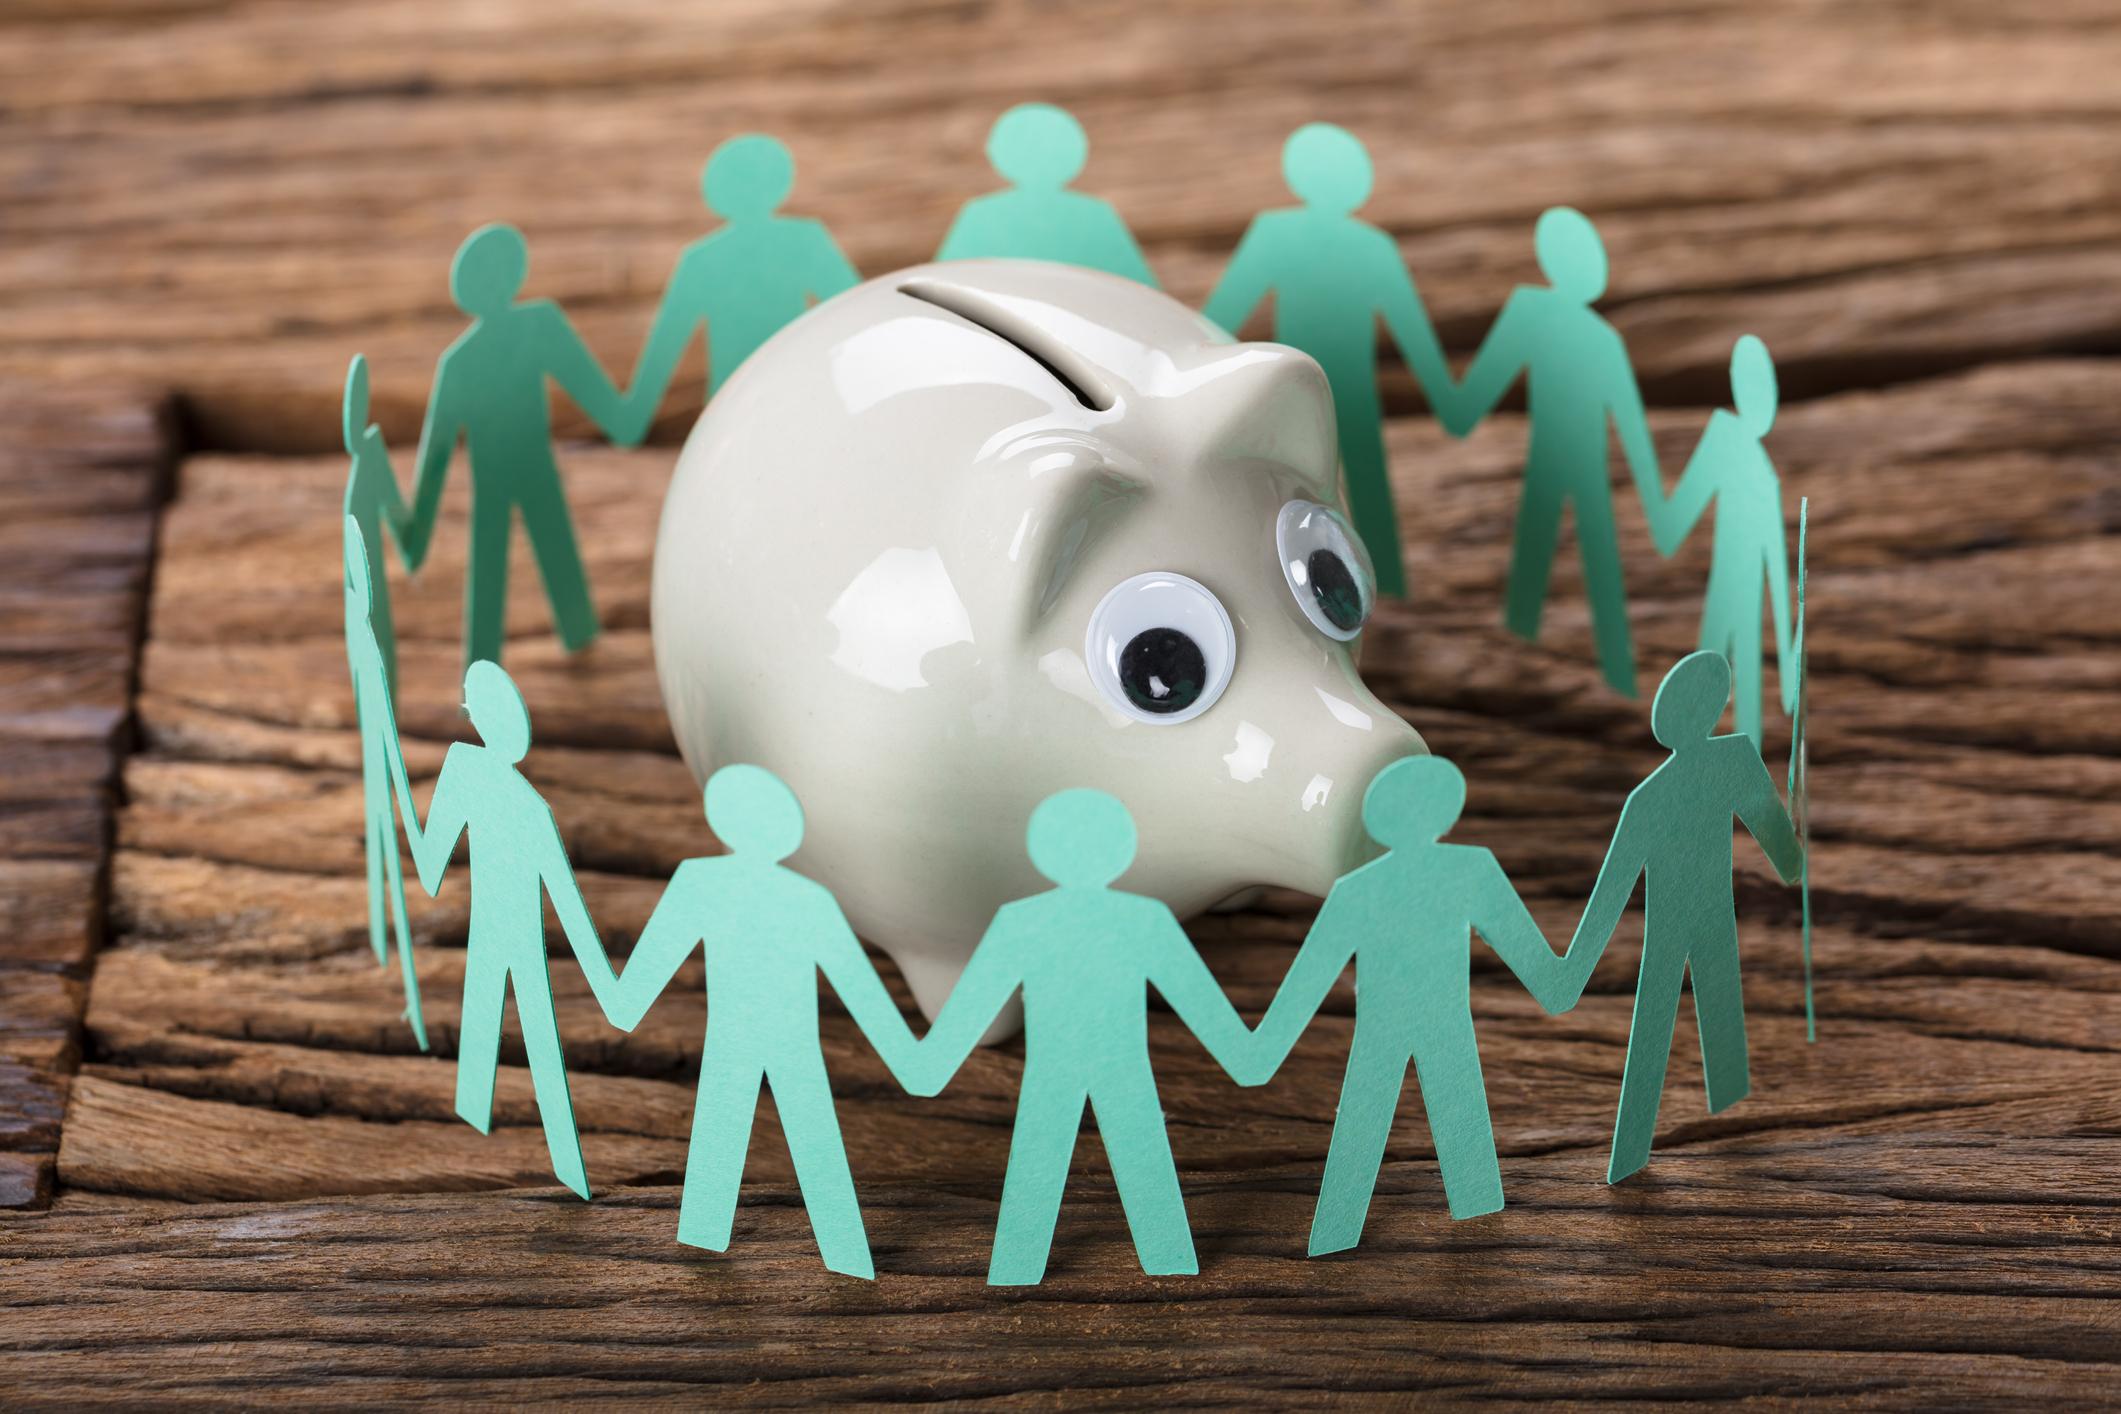 Paper people encircle a piggy bank.